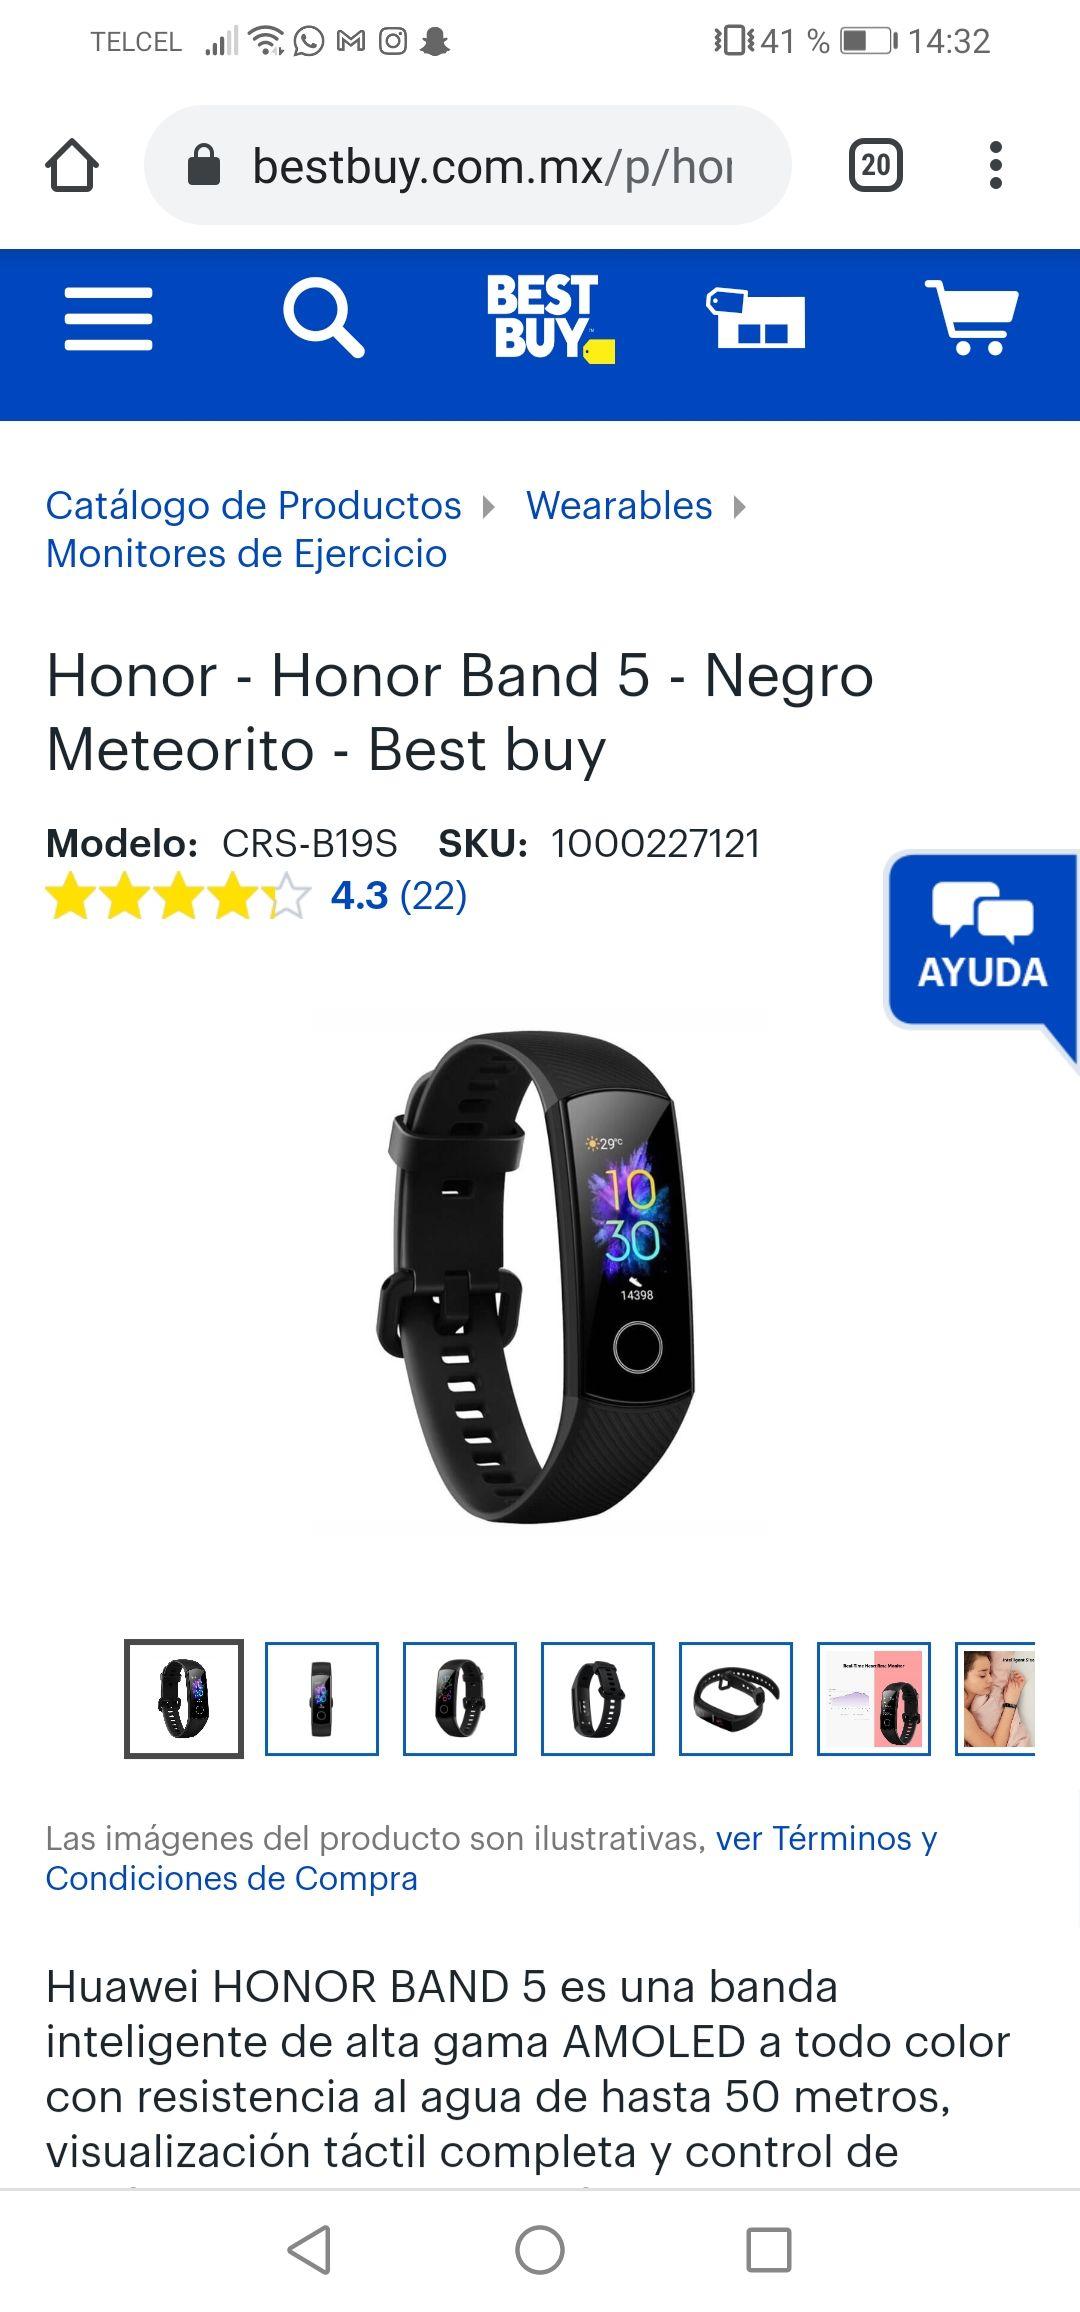 Best Buy Honor Band 5 black!